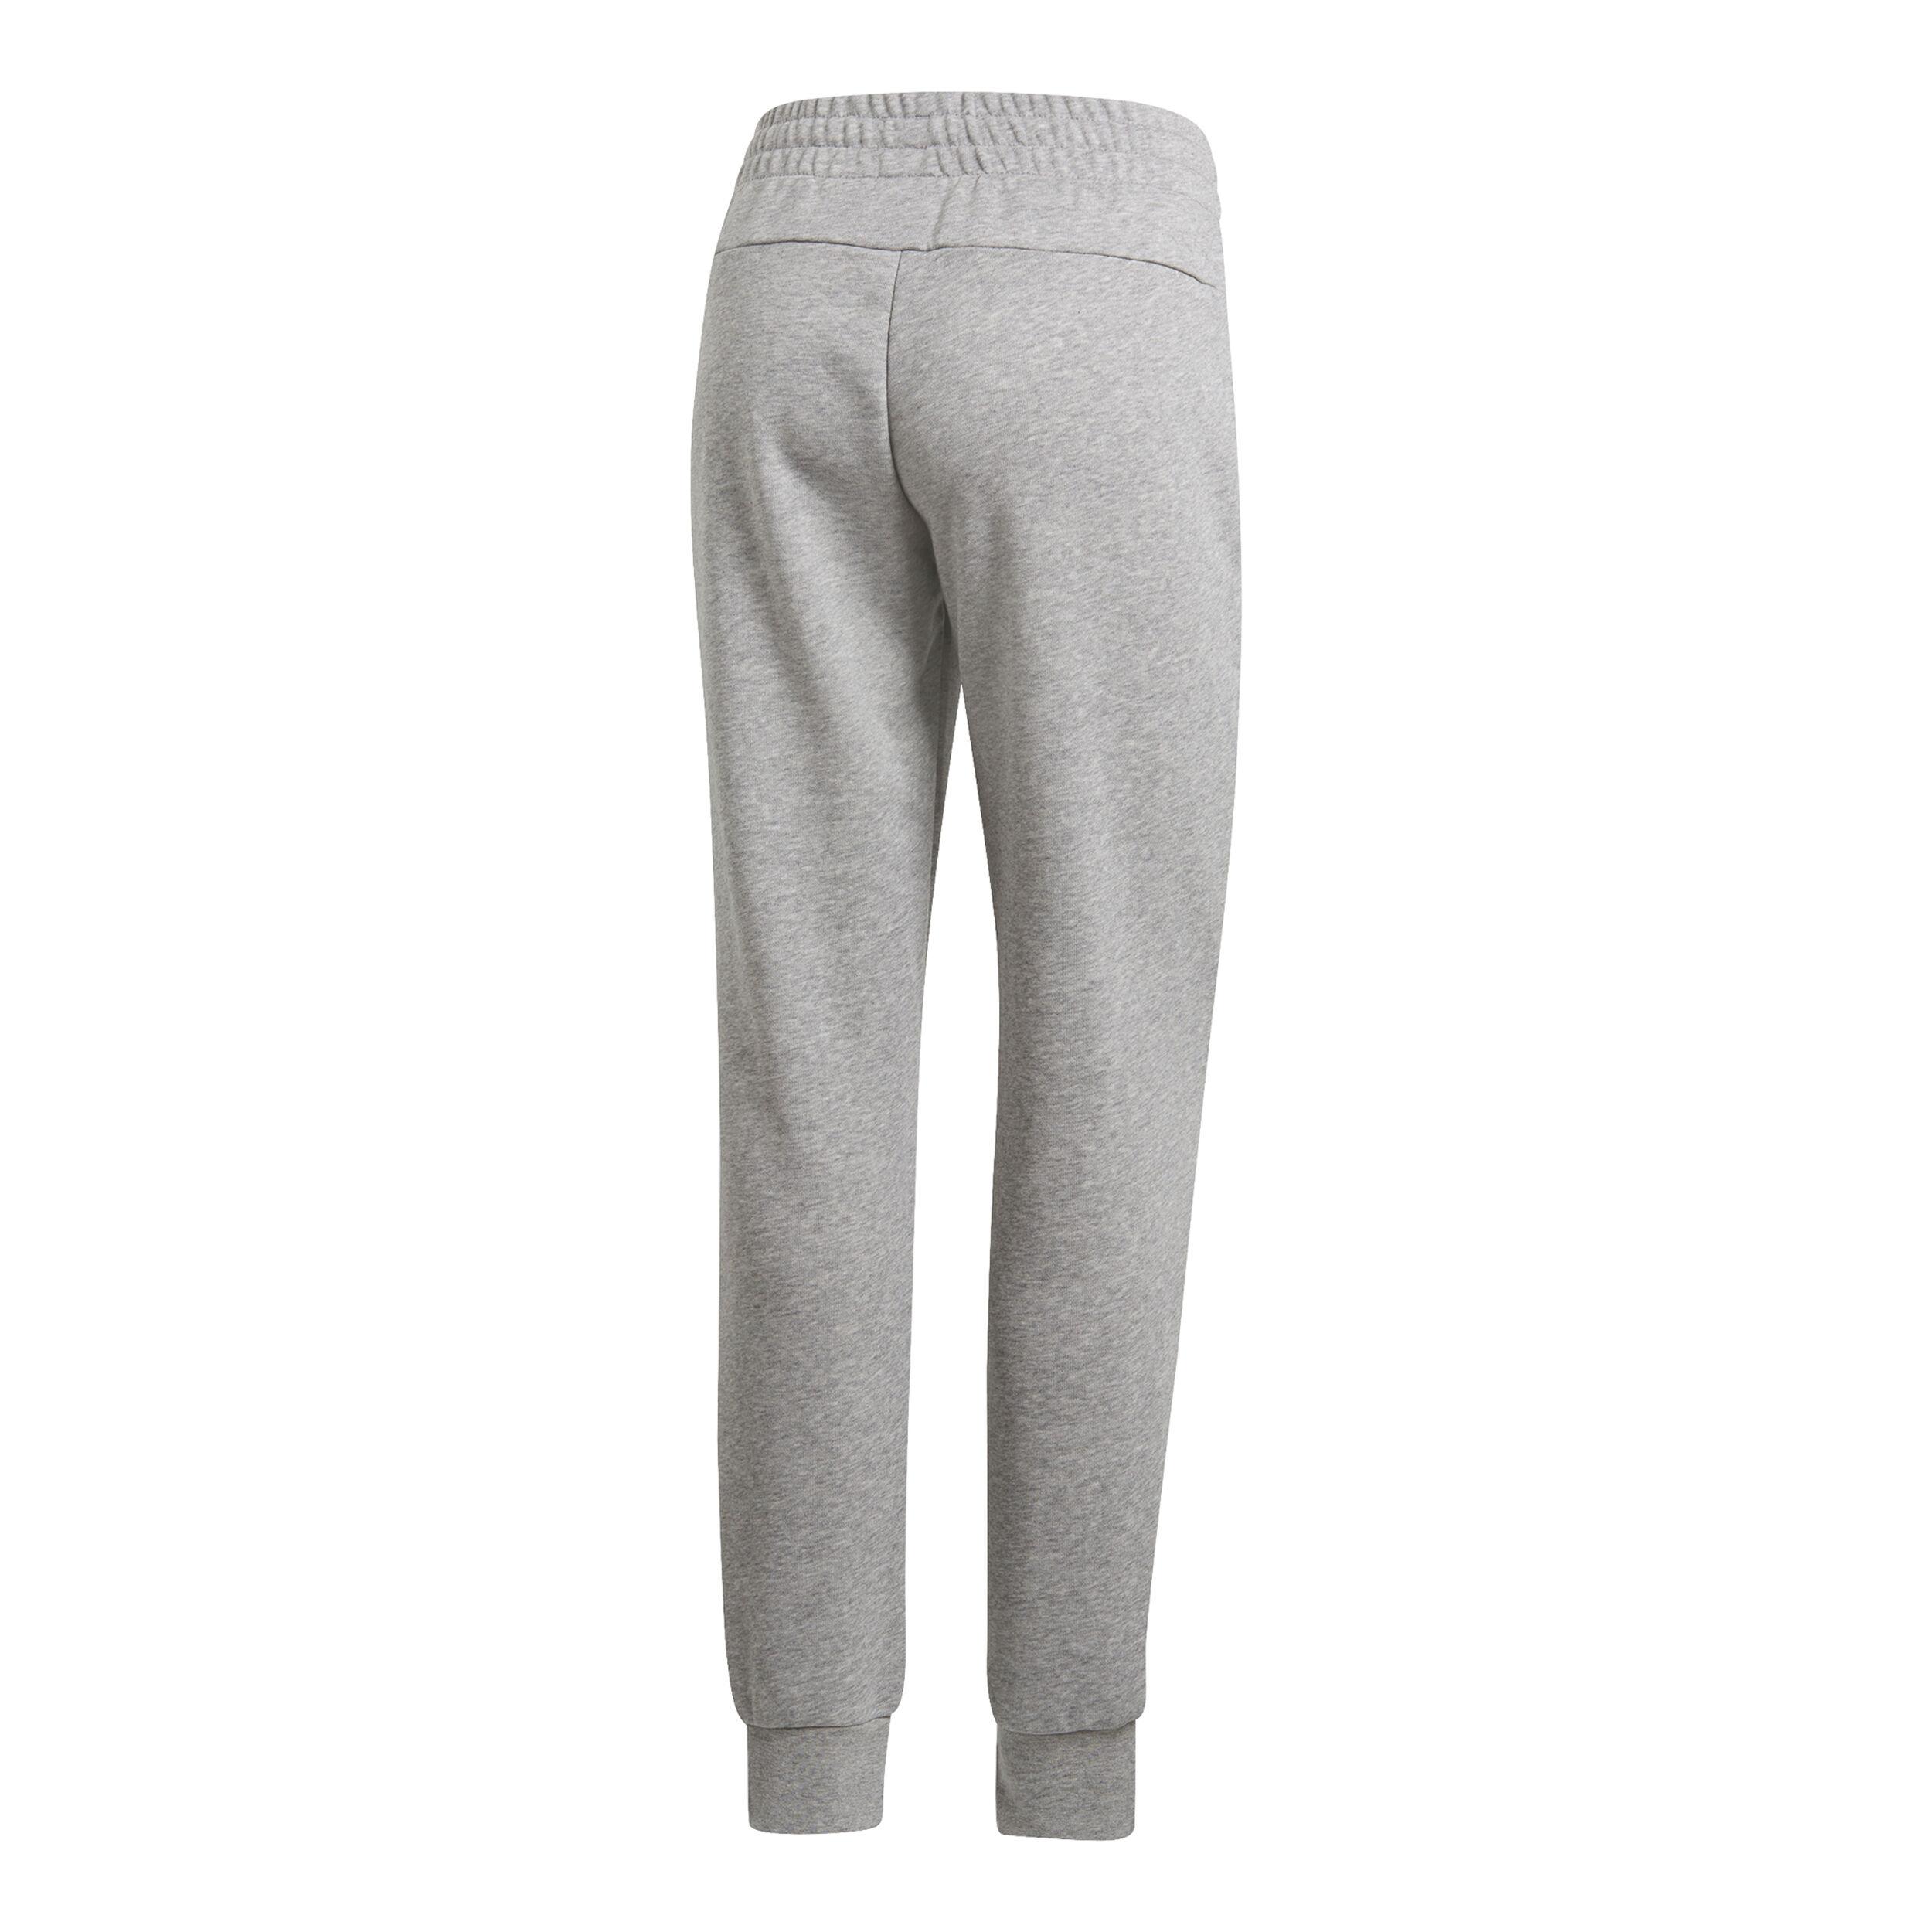 Gris Clair Pantalon Plain Essentials Survêtement Adidas Femmes W29EDHI